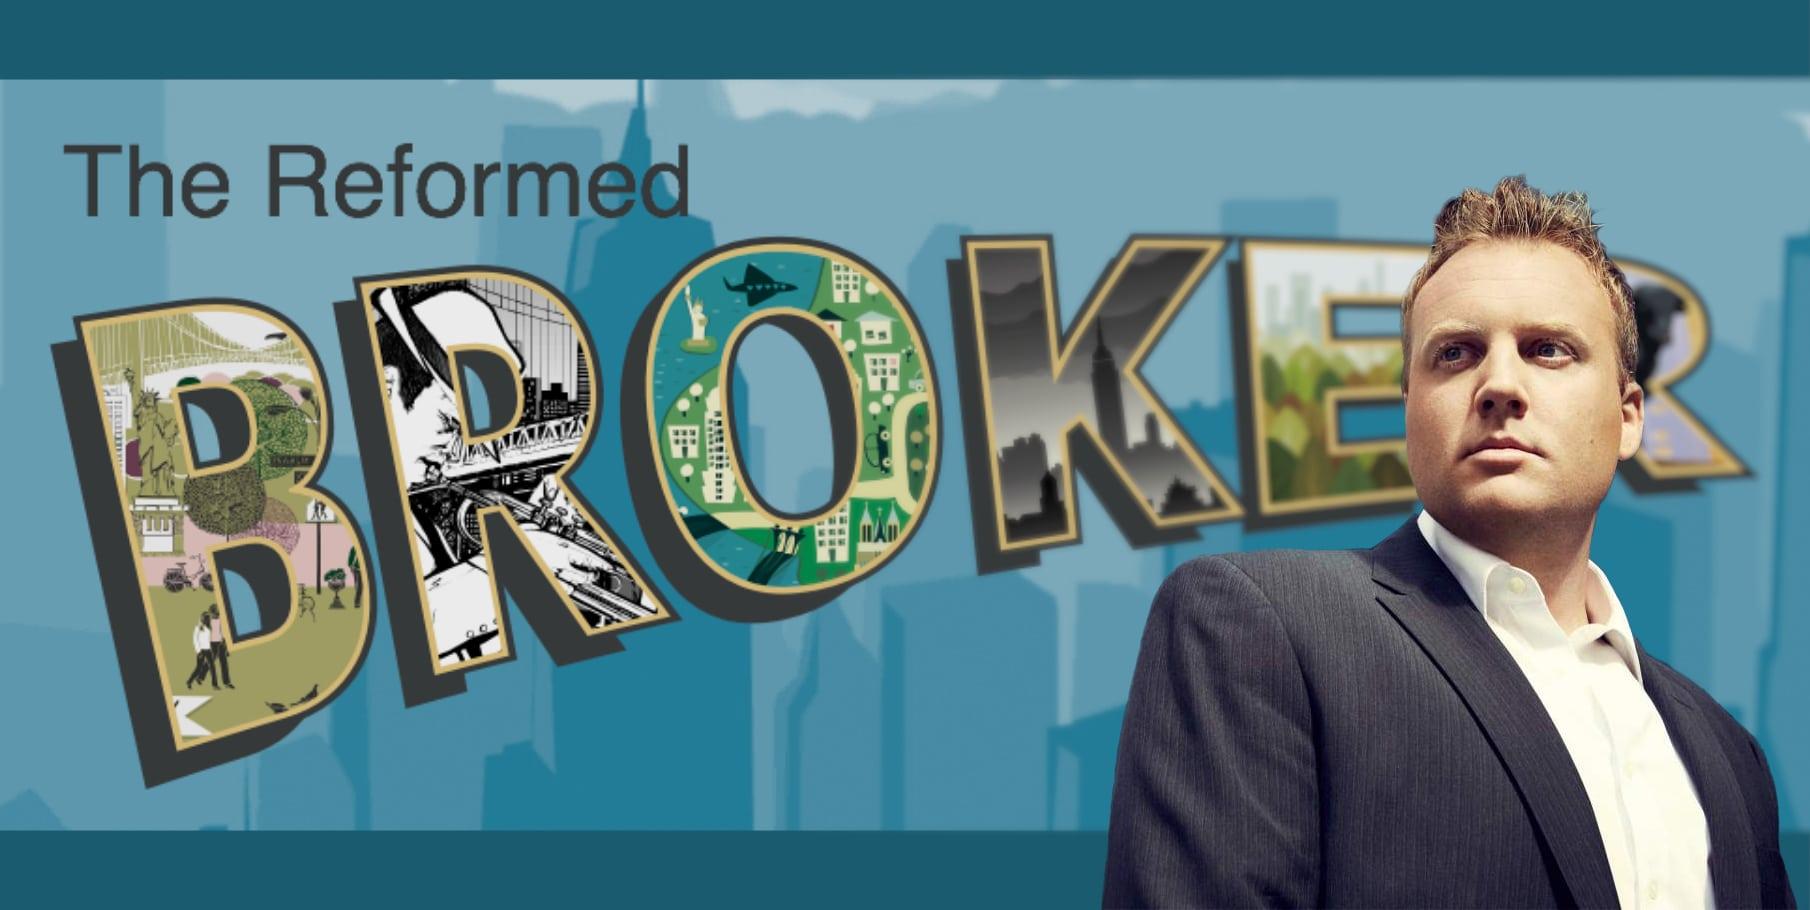 thereformedbroker.com